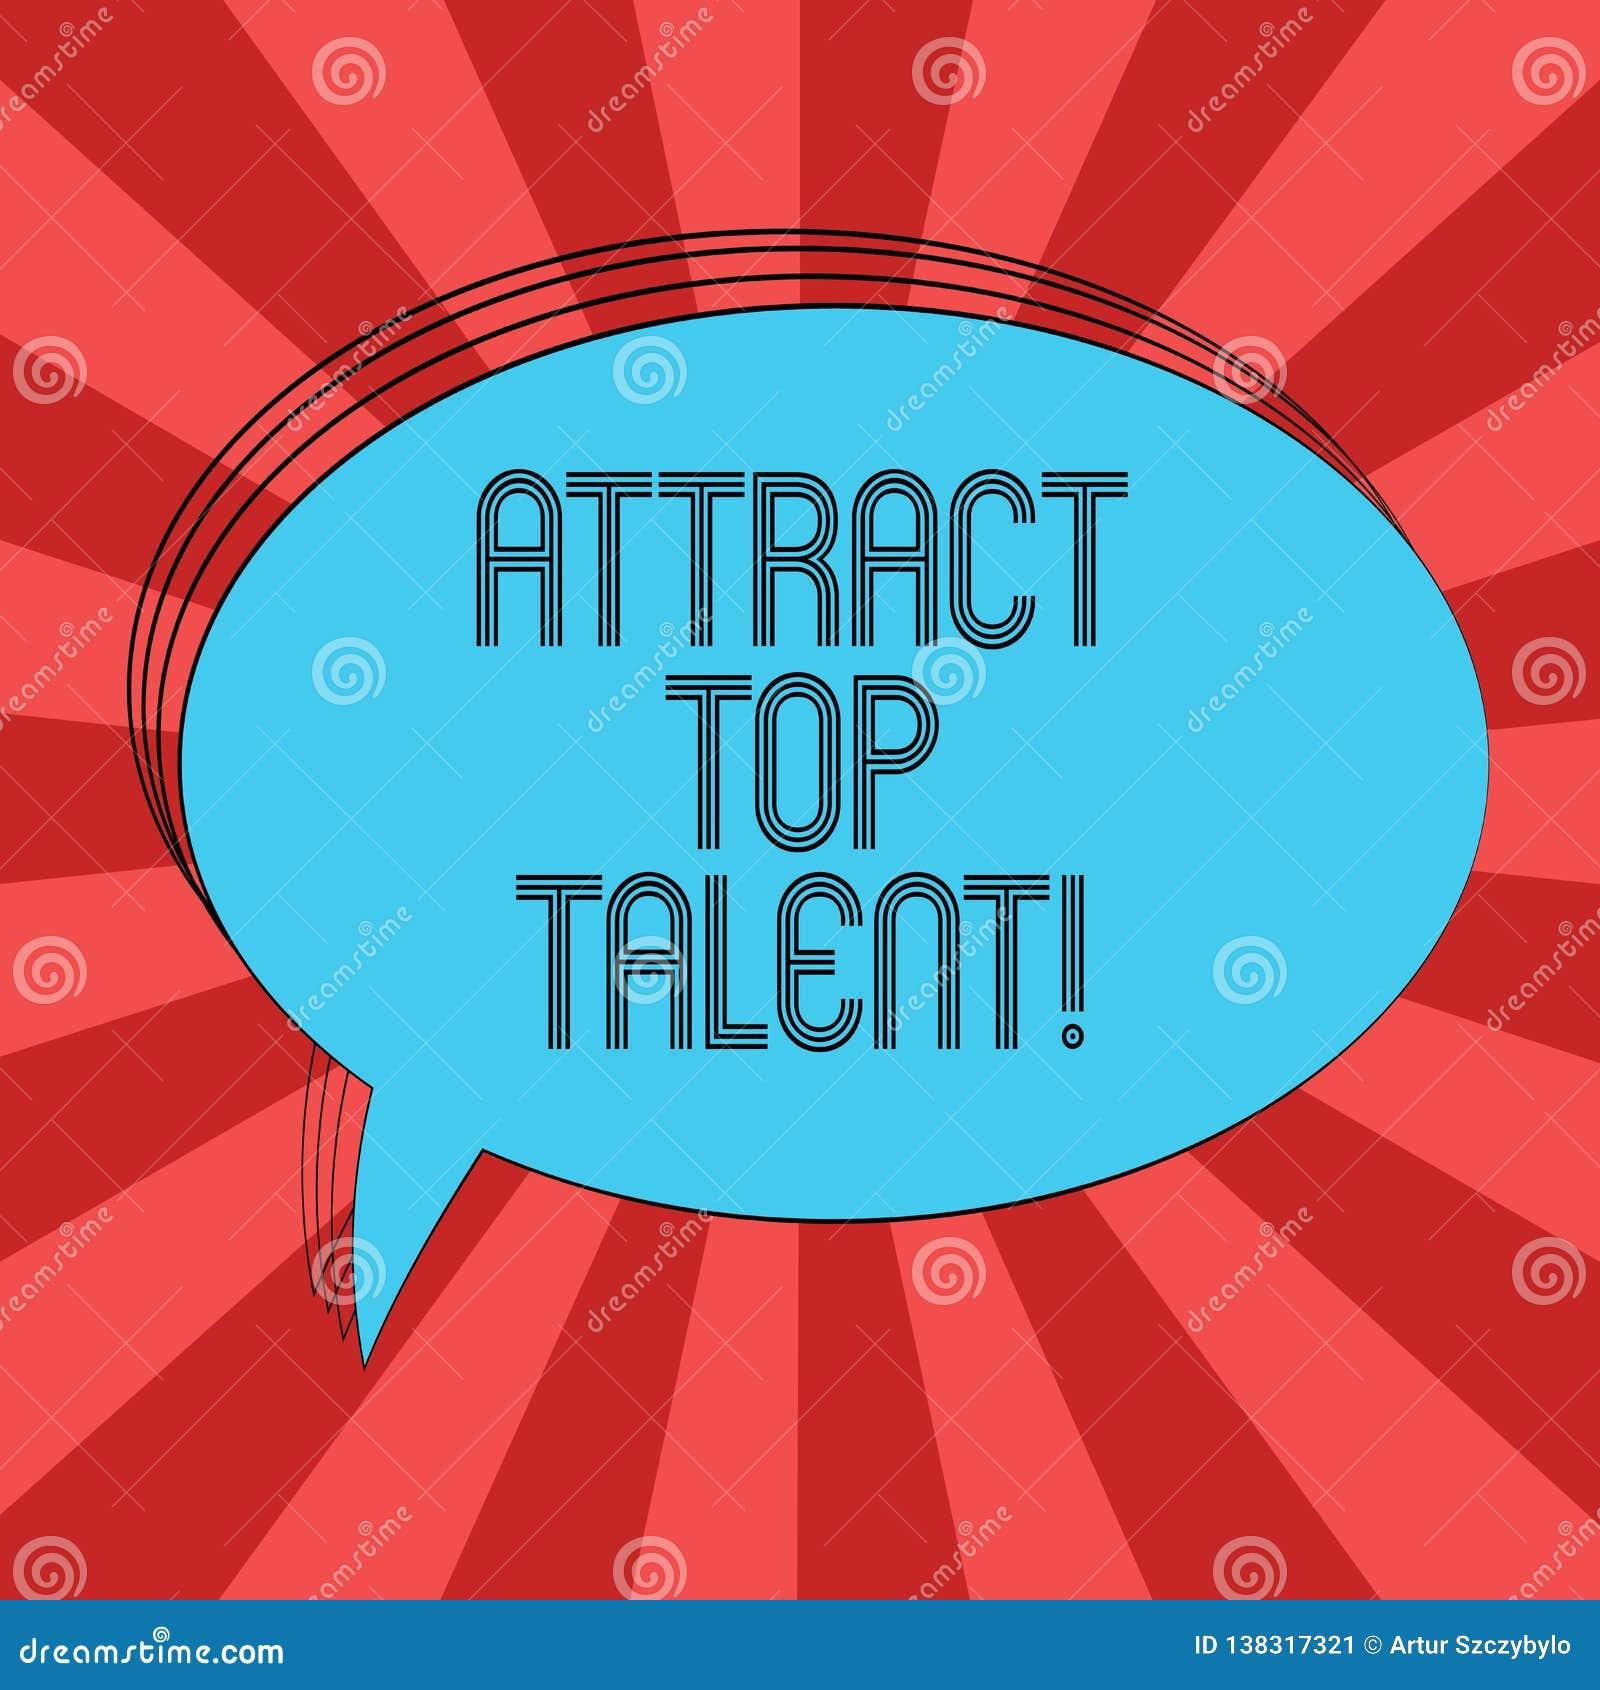 Pisać nutowym seansie Przyciąga Odgórnego talent Biznesowa fotografia pokazuje wyznaczający pracownika który umiejętności i dobre